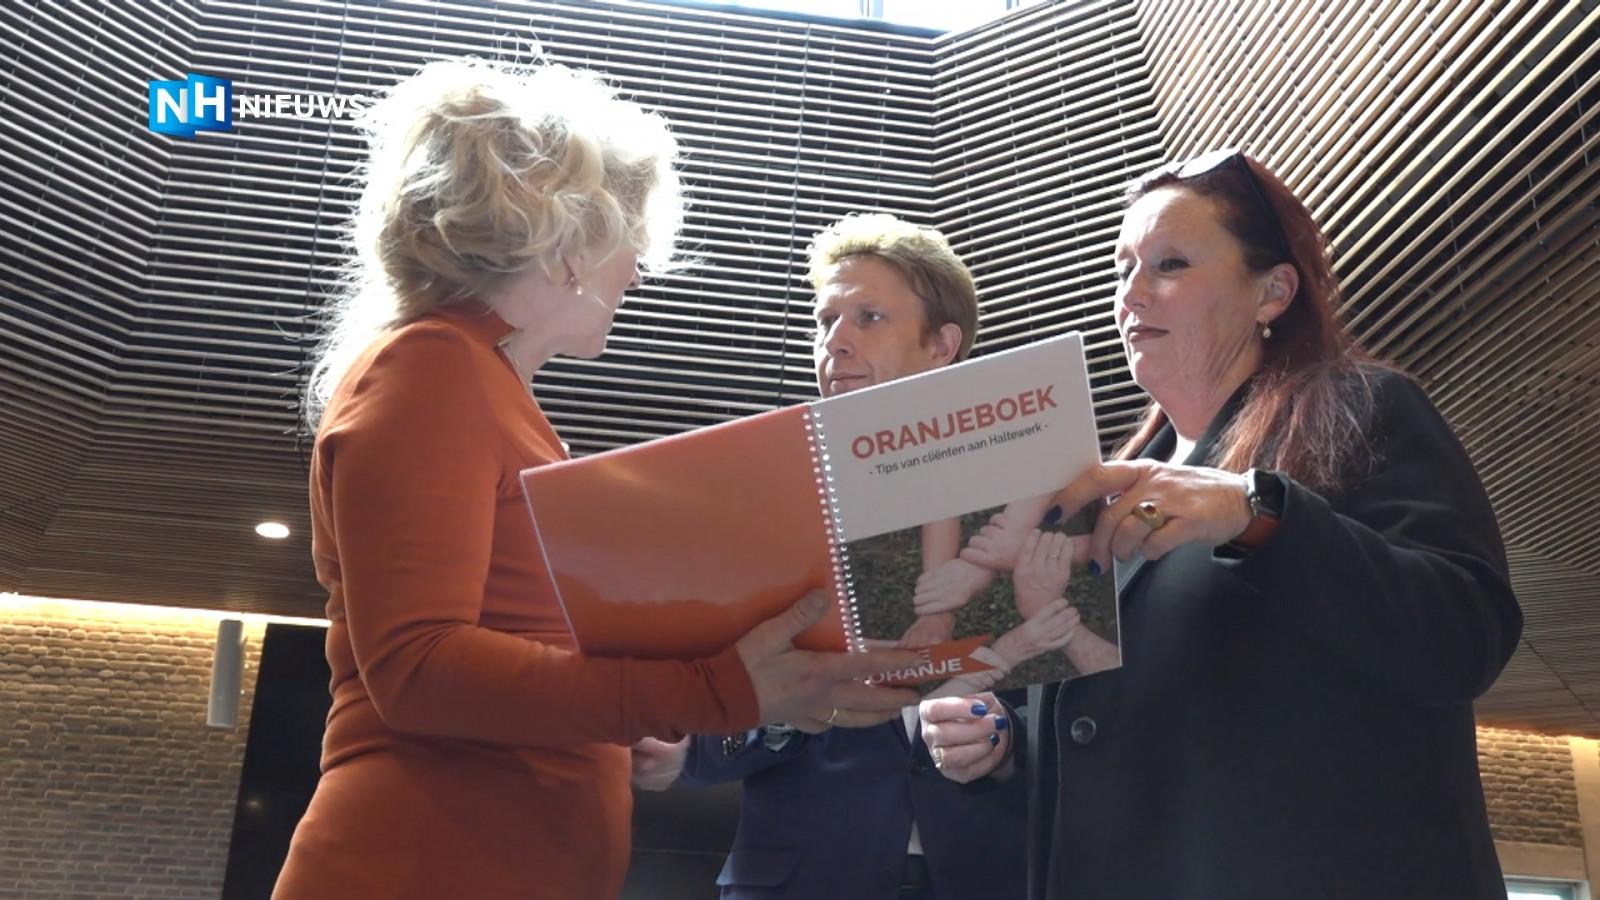 NH Nieuws/ Anne Klijnstra